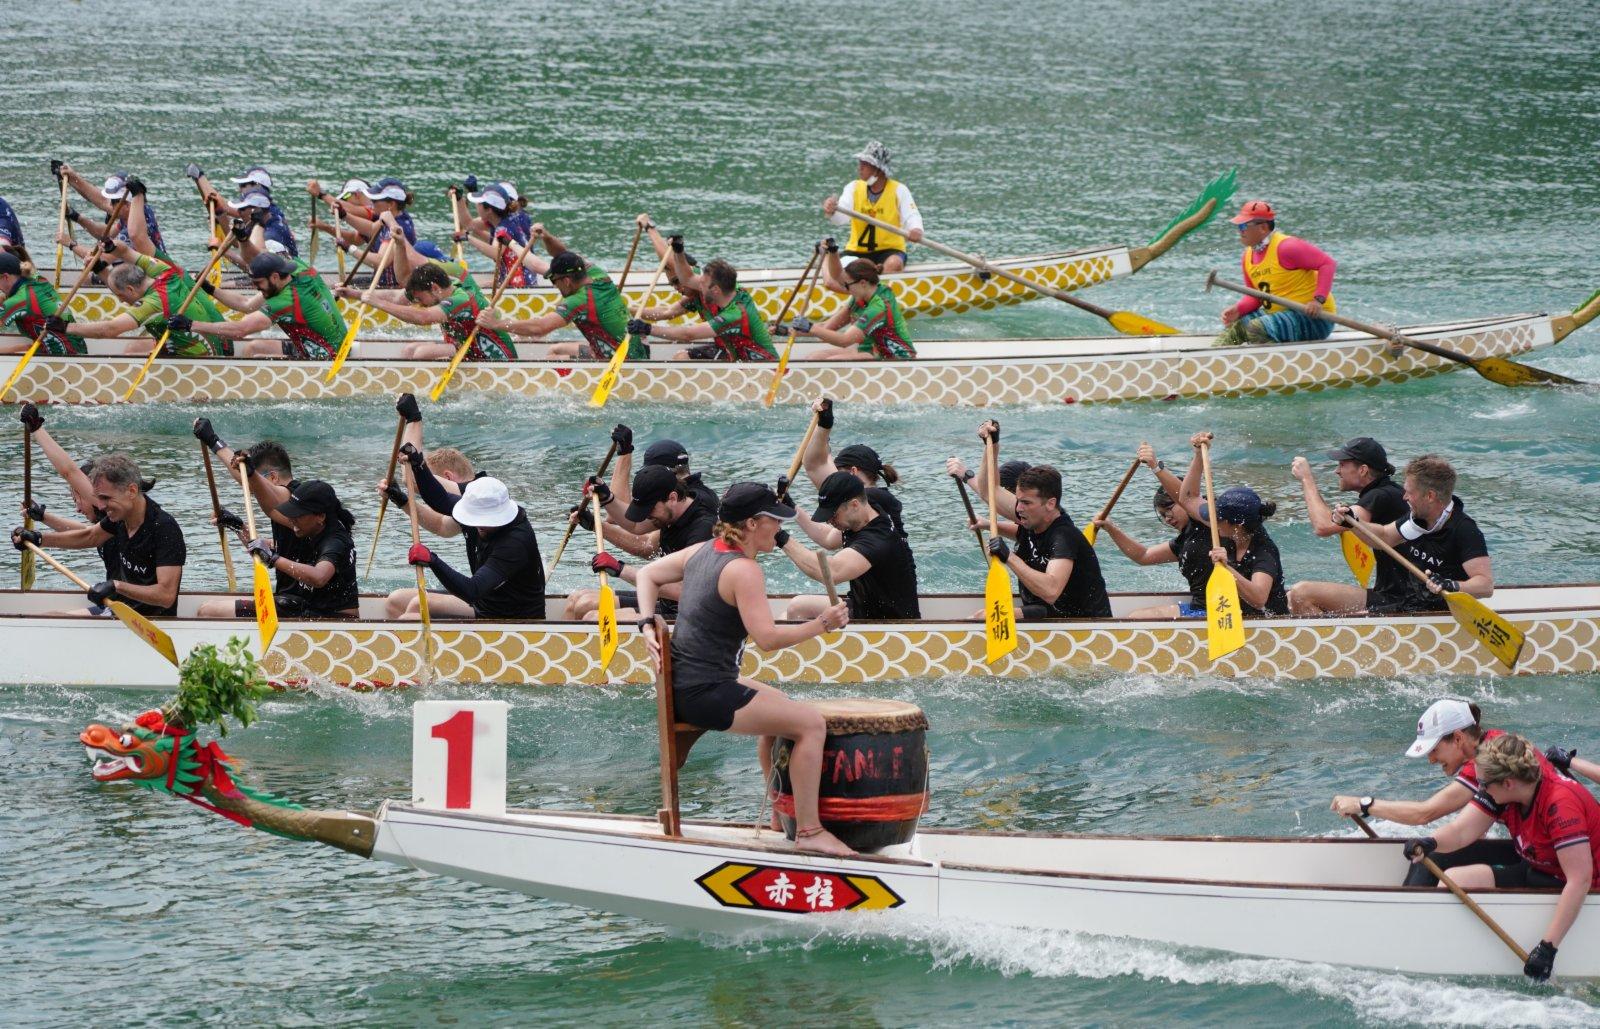 6月14日端午節,由本地選手參賽的「赤柱邀請杯2021」龍舟賽在赤柱正灘舉行。(中新社)